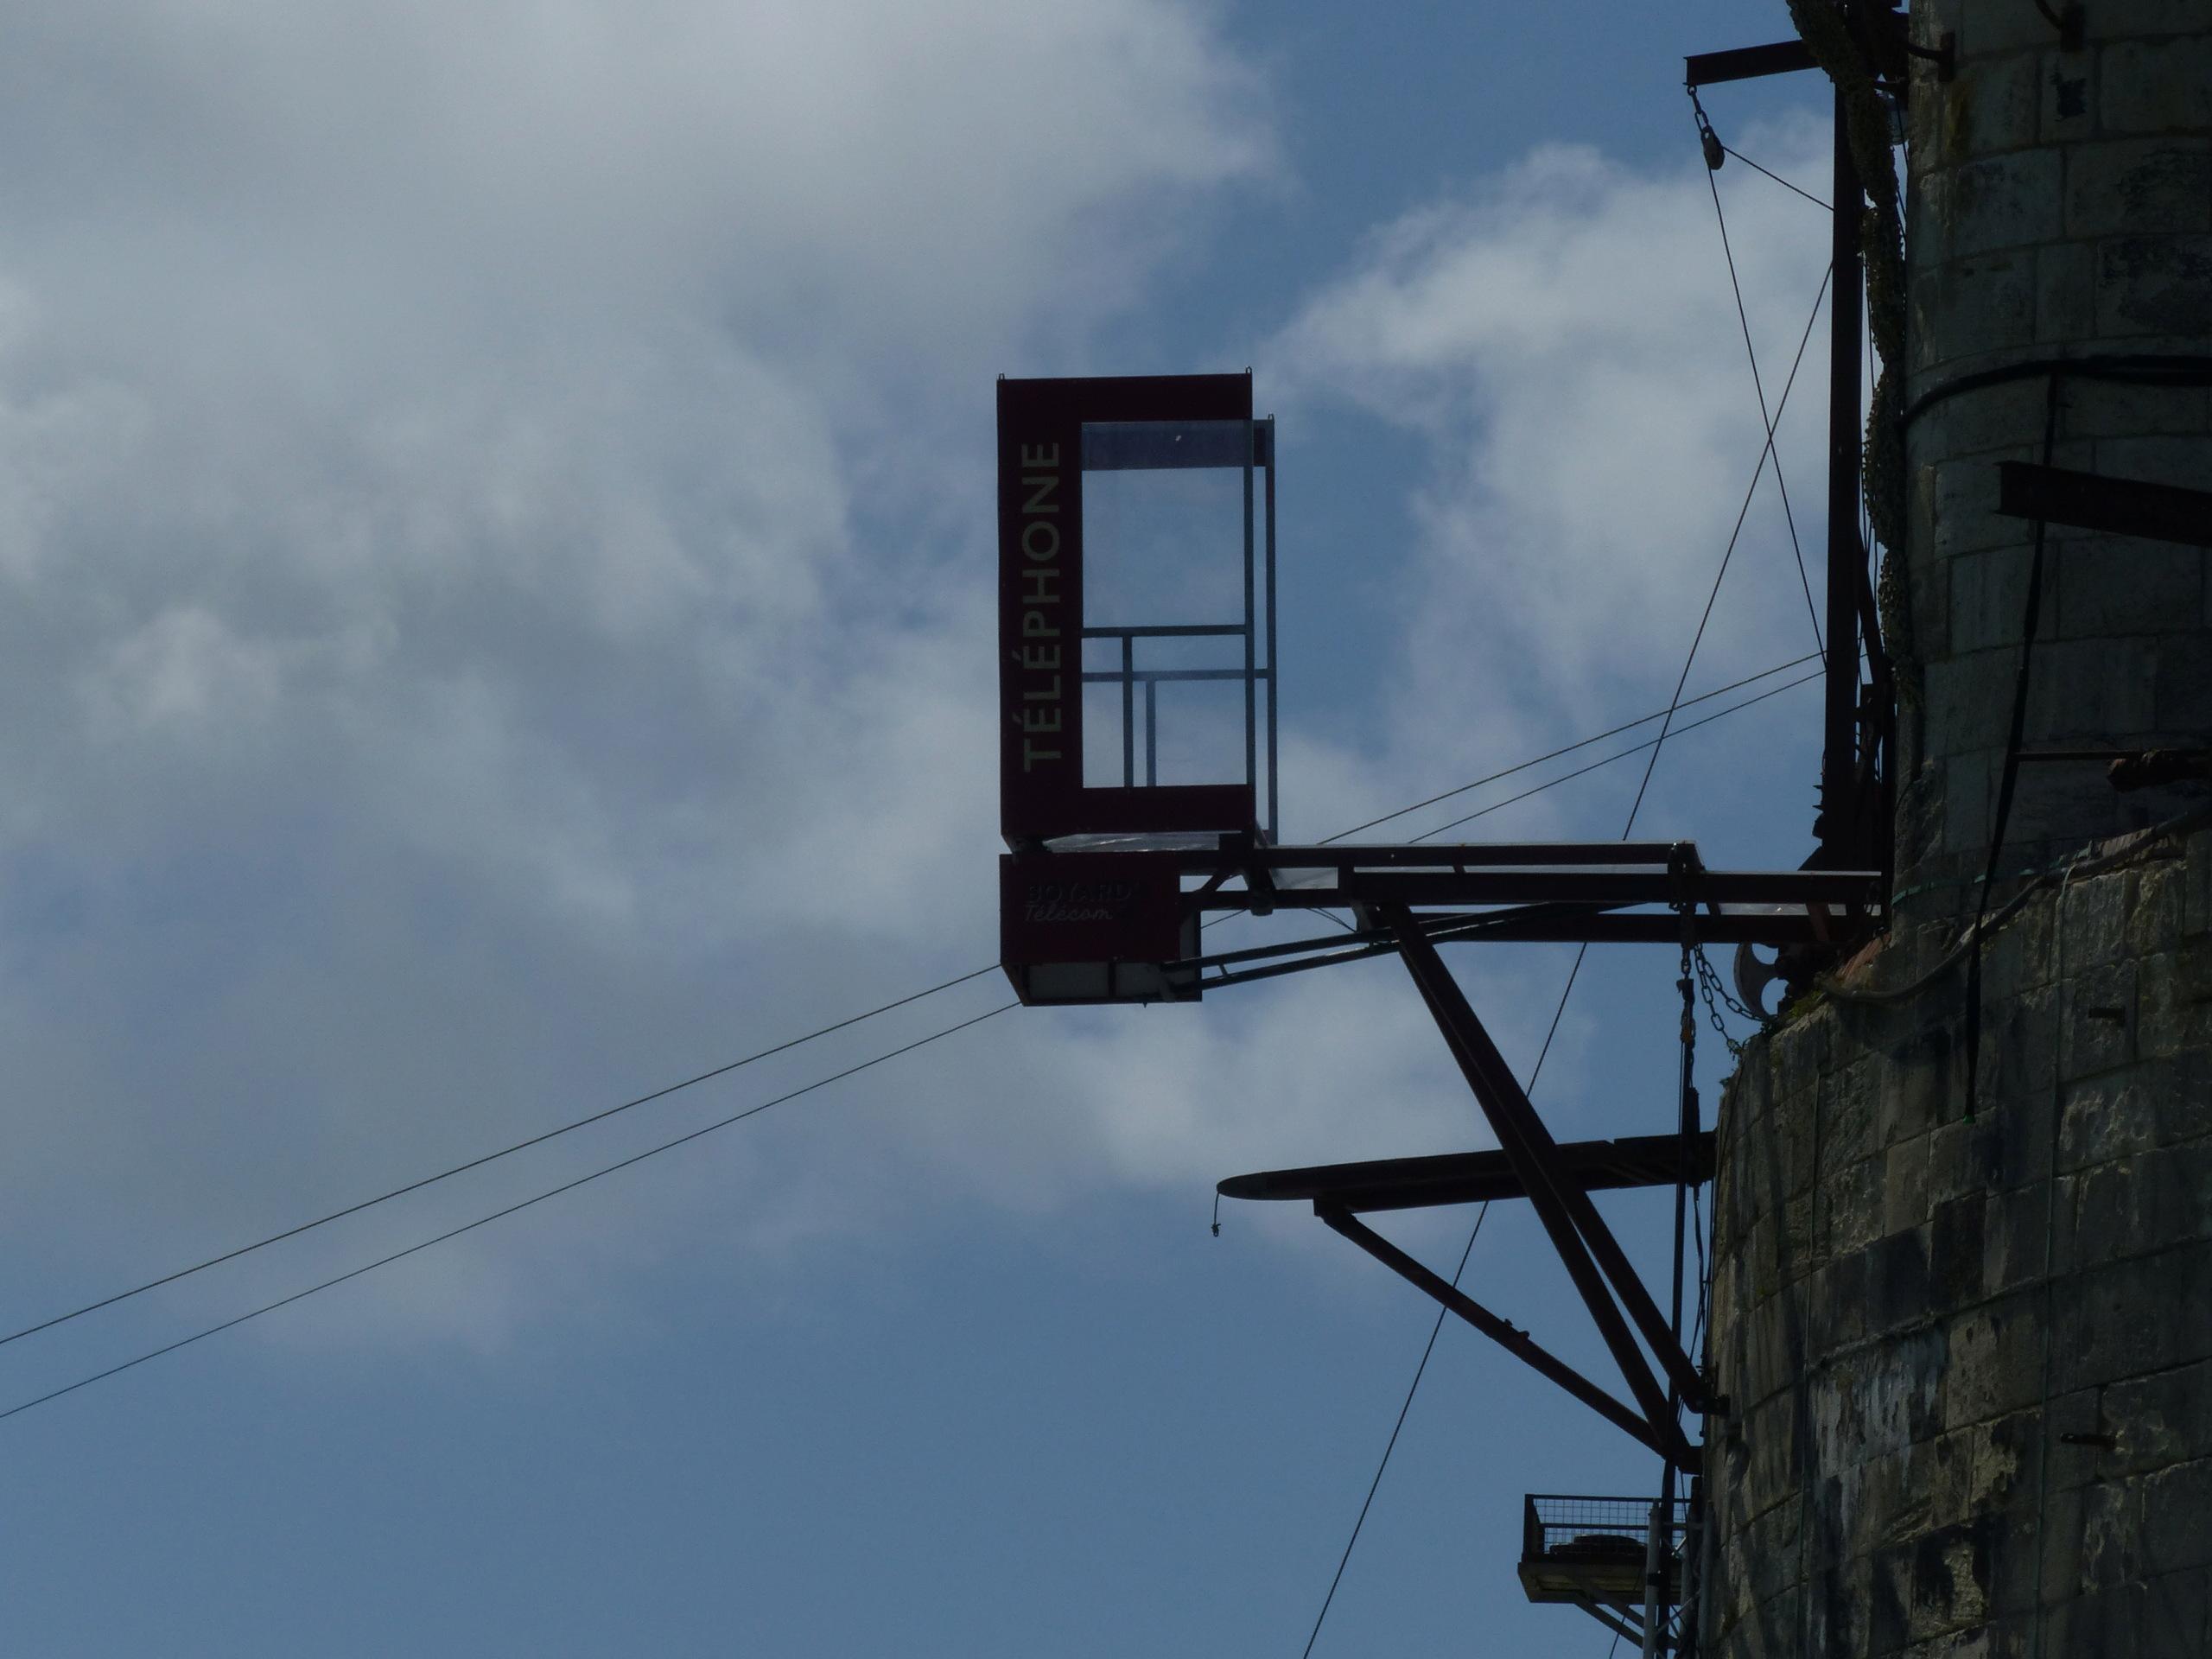 Photos divers de Fort Boyard 2021 (Internautes + hors production) - Page 2 P1090723